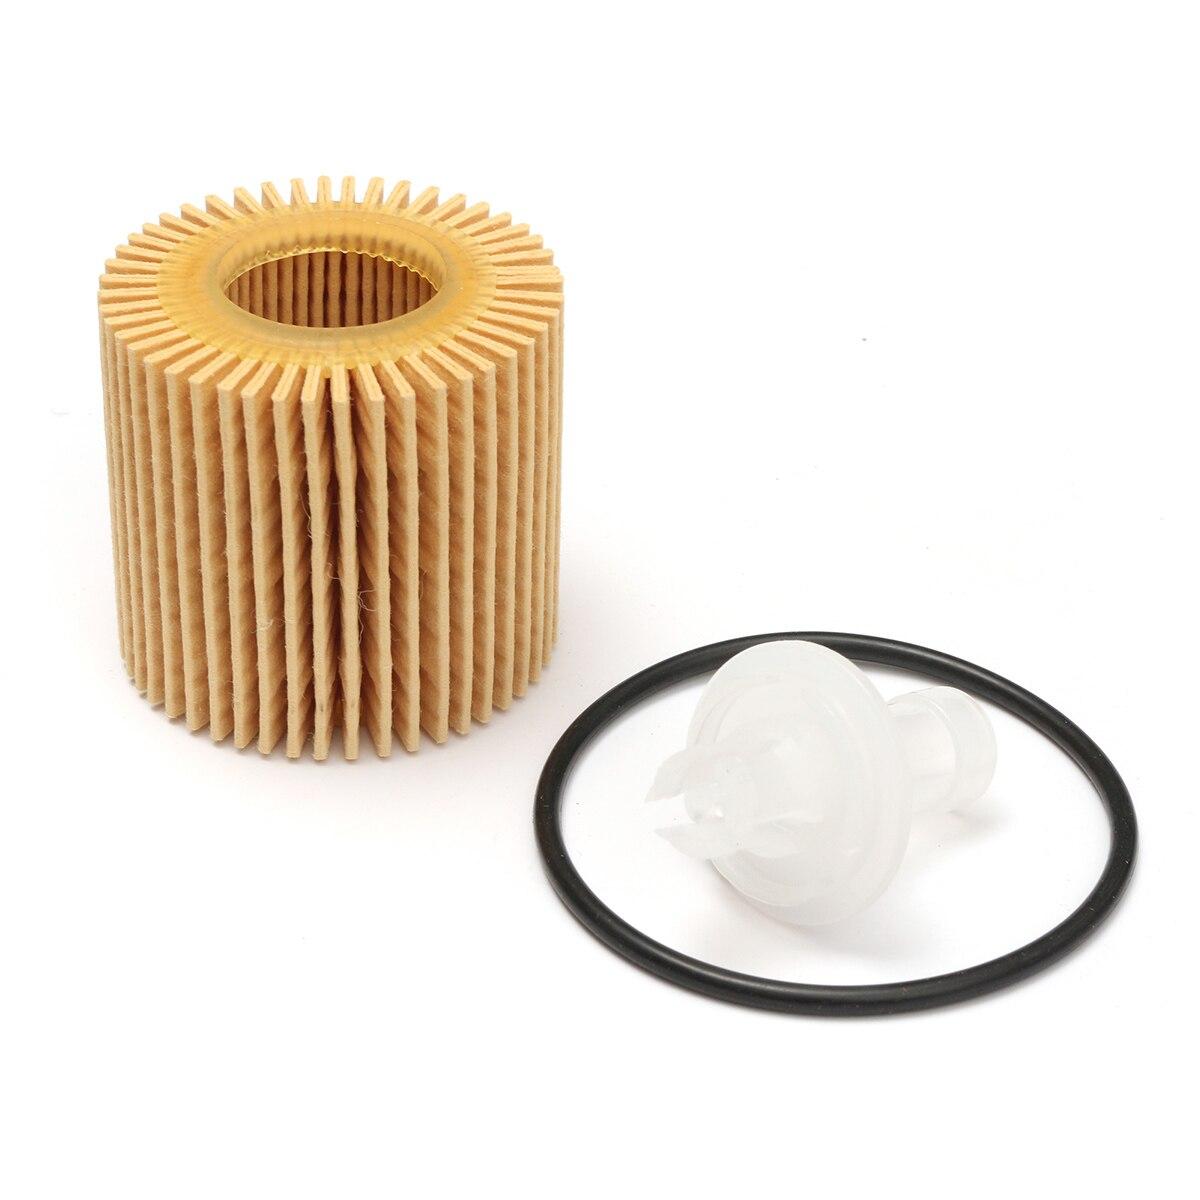 Oil Filter For Toyota Corolla Matrix Prius Lexus Scion XD Scion IM 04152-YZZA6 Included 1Oil Filter 1O-Rings 1Drain Tube